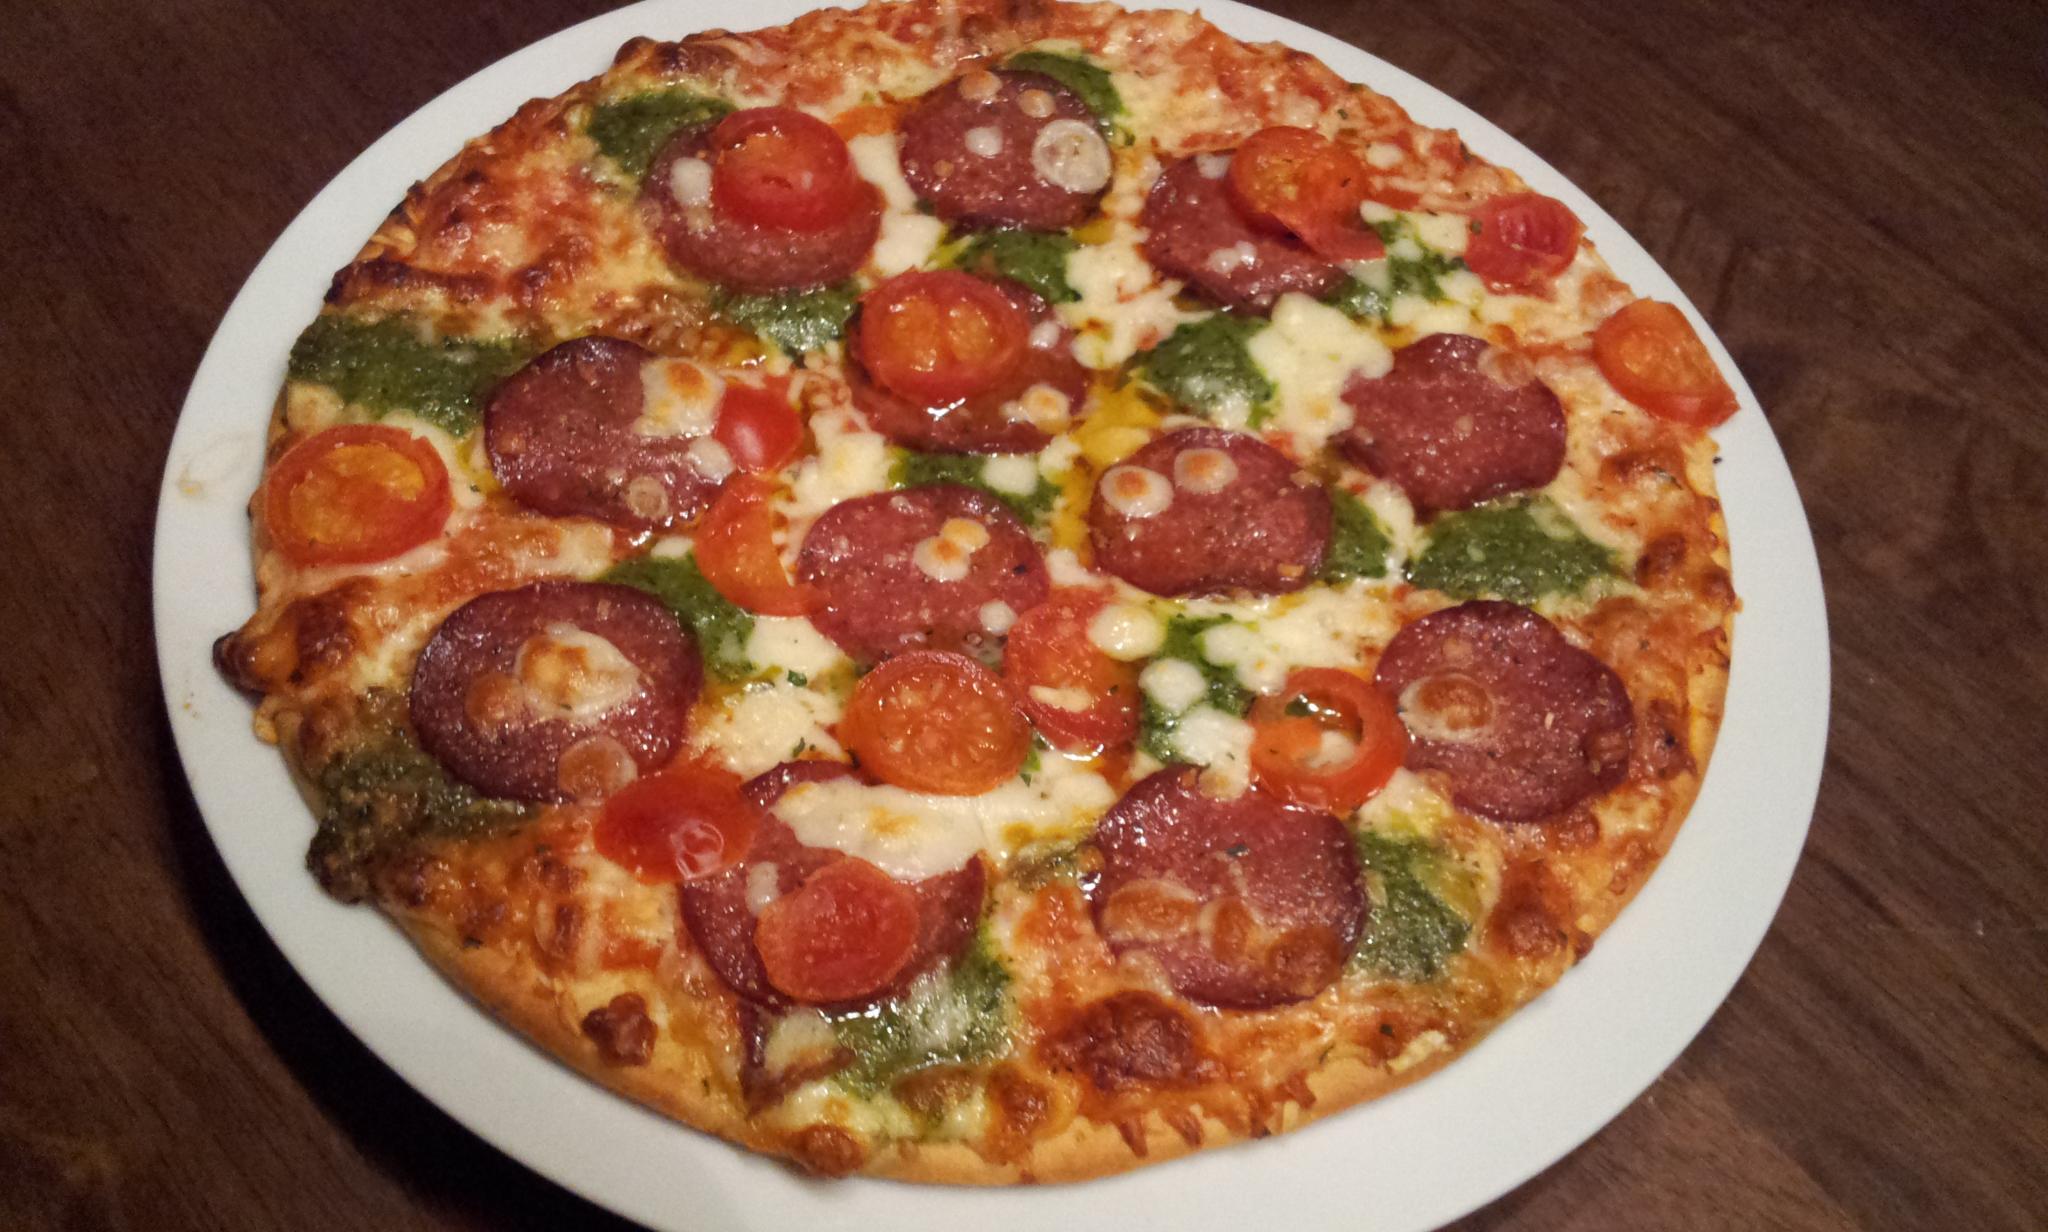 https://foodloader.net/Holz_2012-11-08_Pizza.jpg